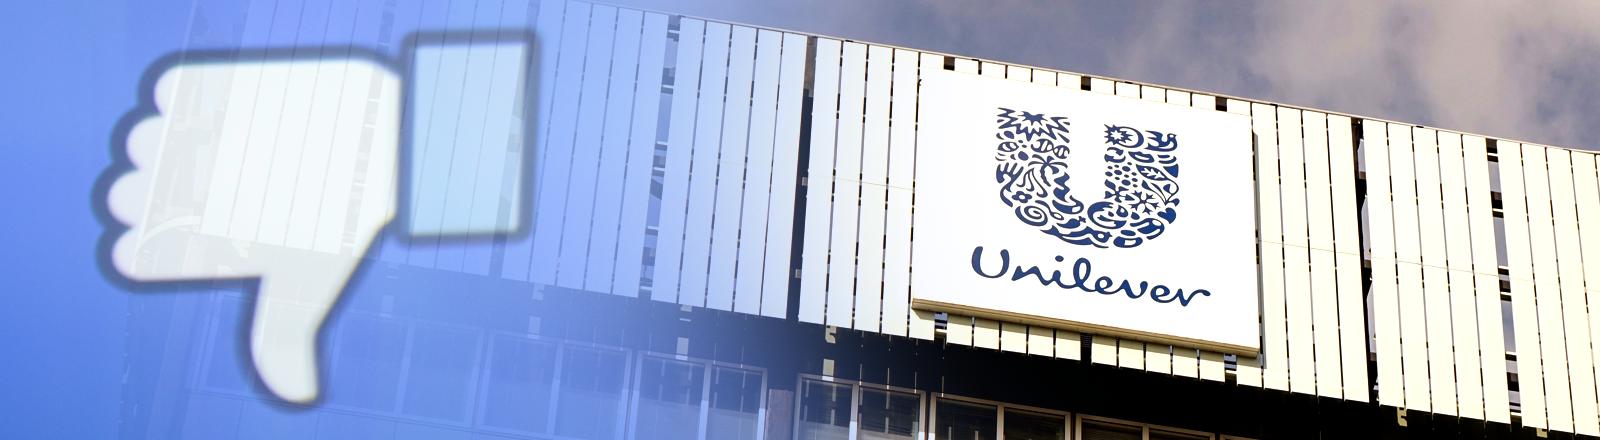 Das Konzerngebäude von Unilever